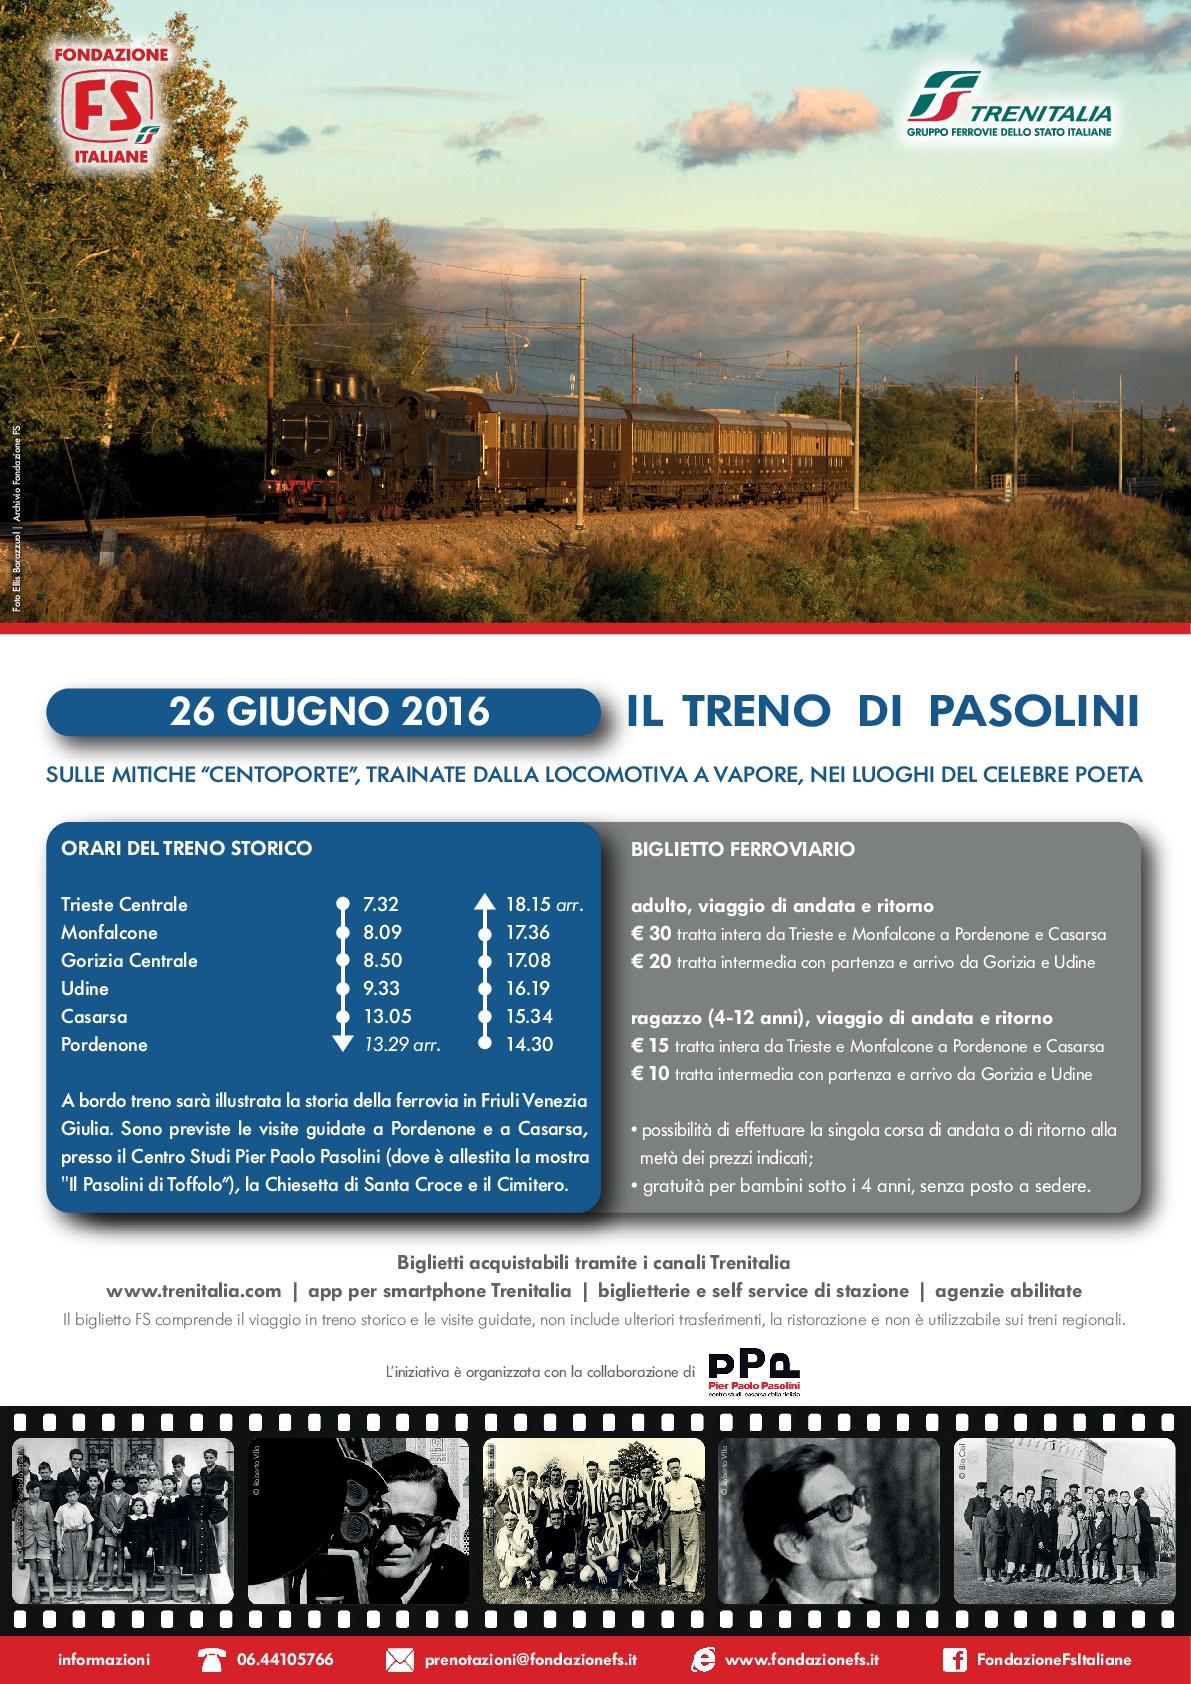 Treno_Pasolini-001